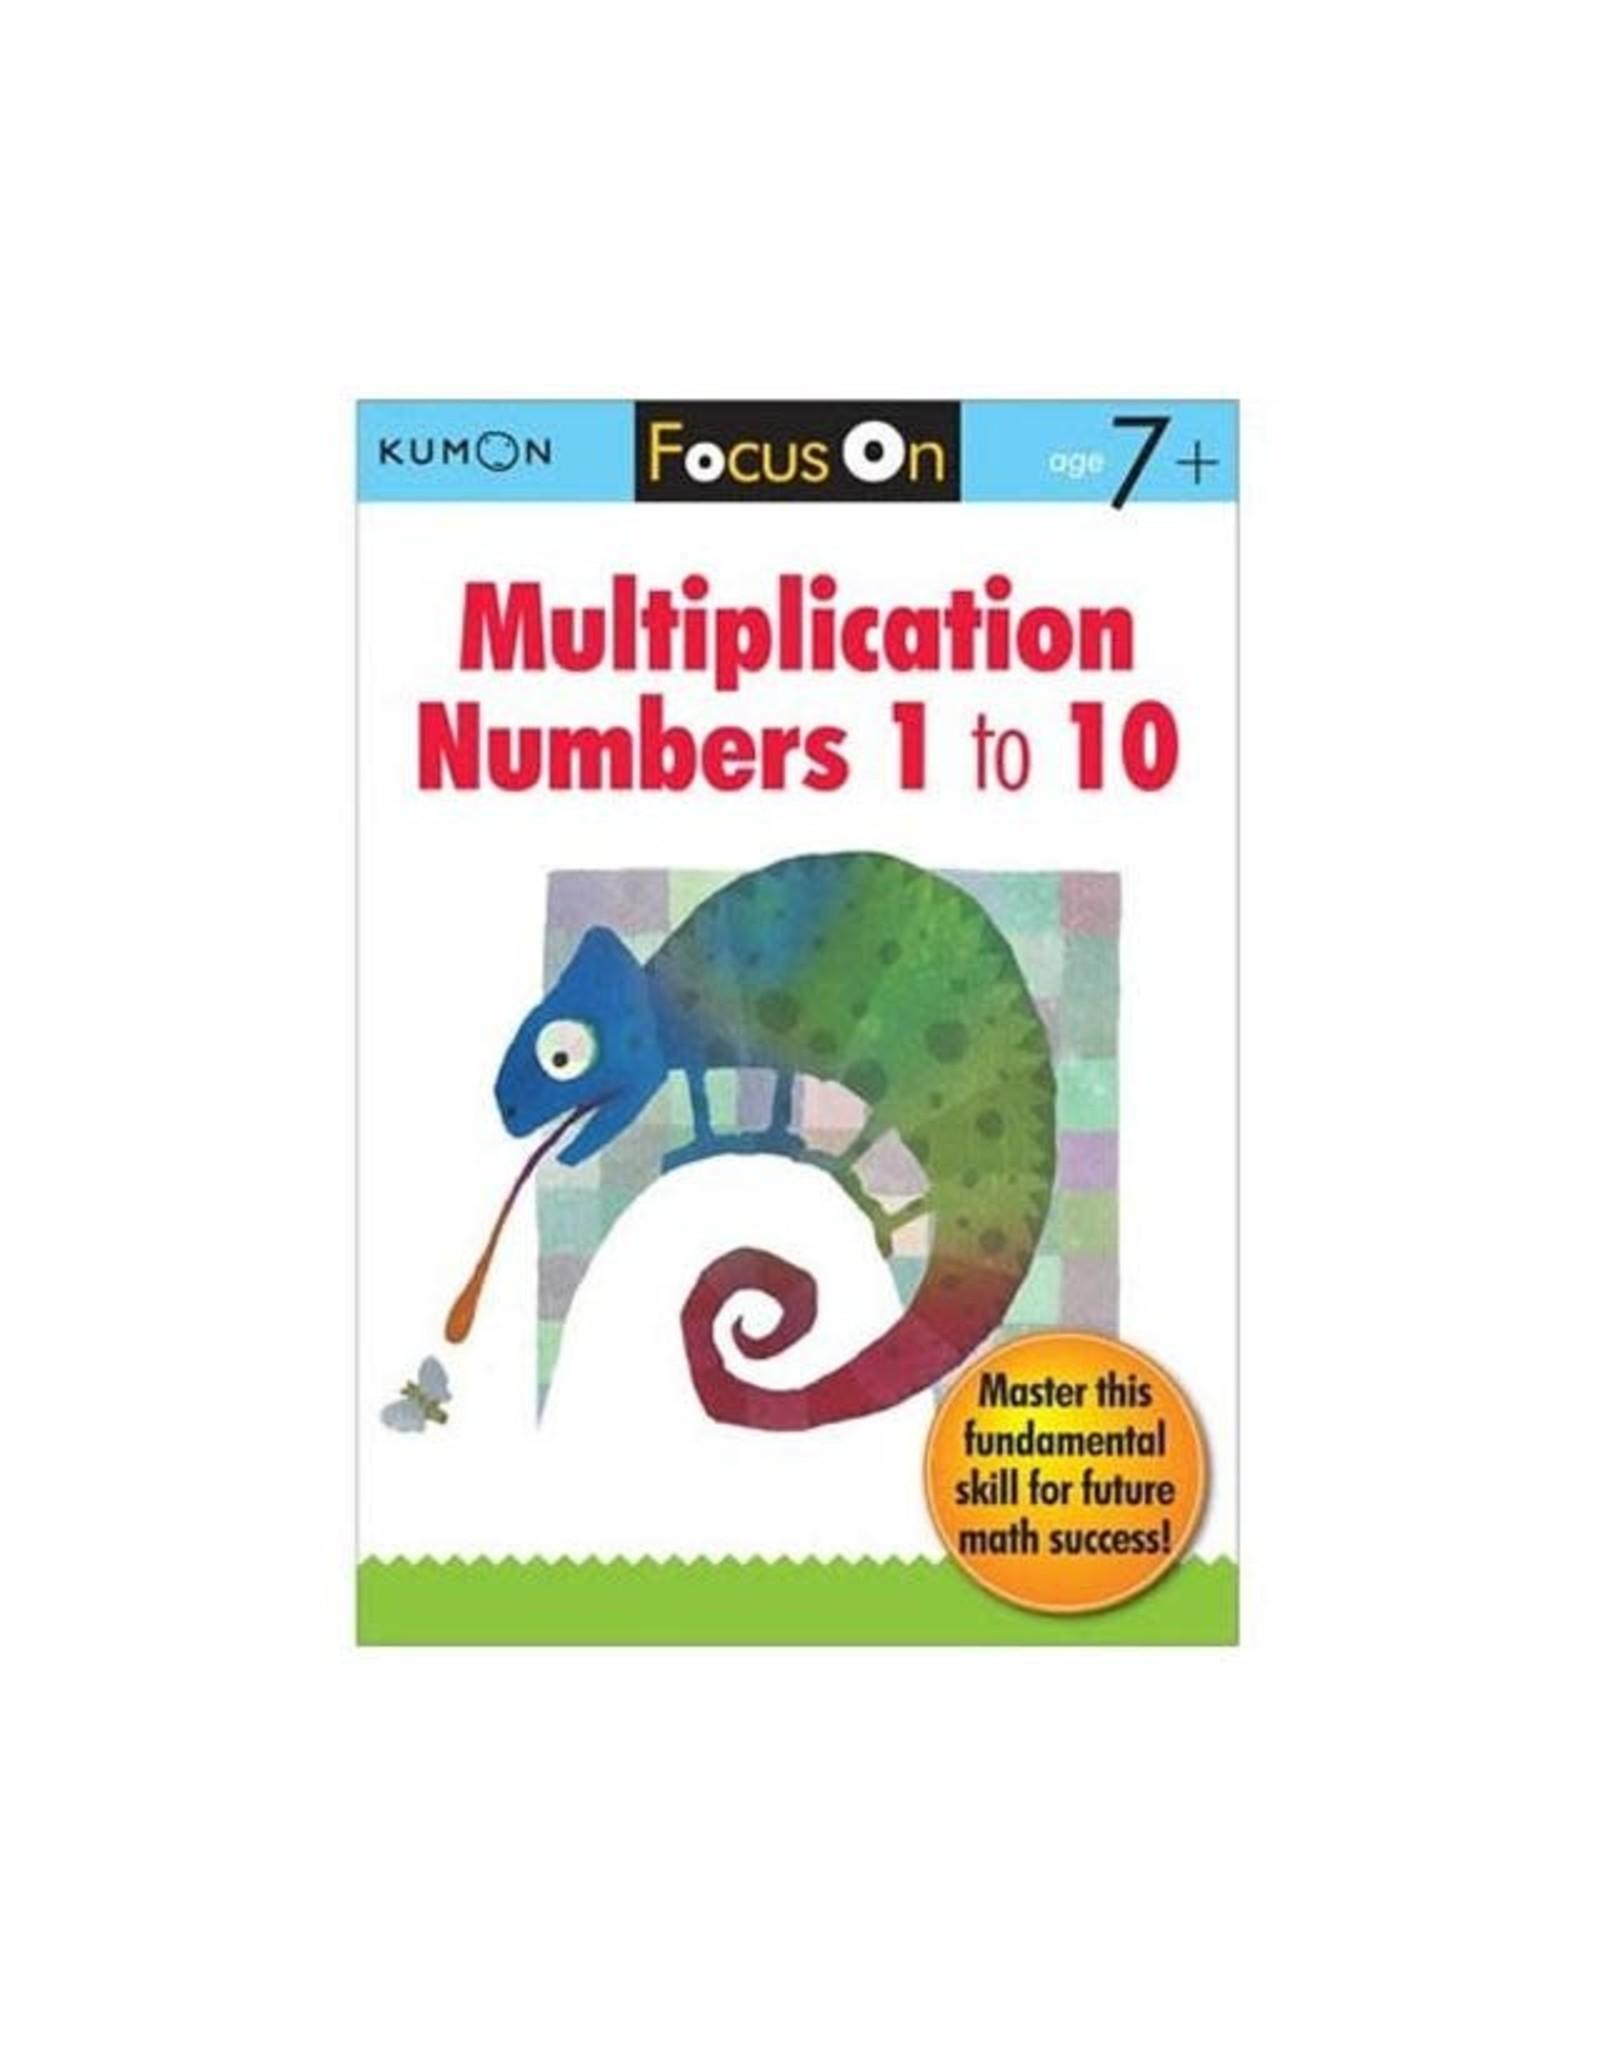 Kumon FOCUS ON MULTIPLICATION: NUMBERS 1 to 10